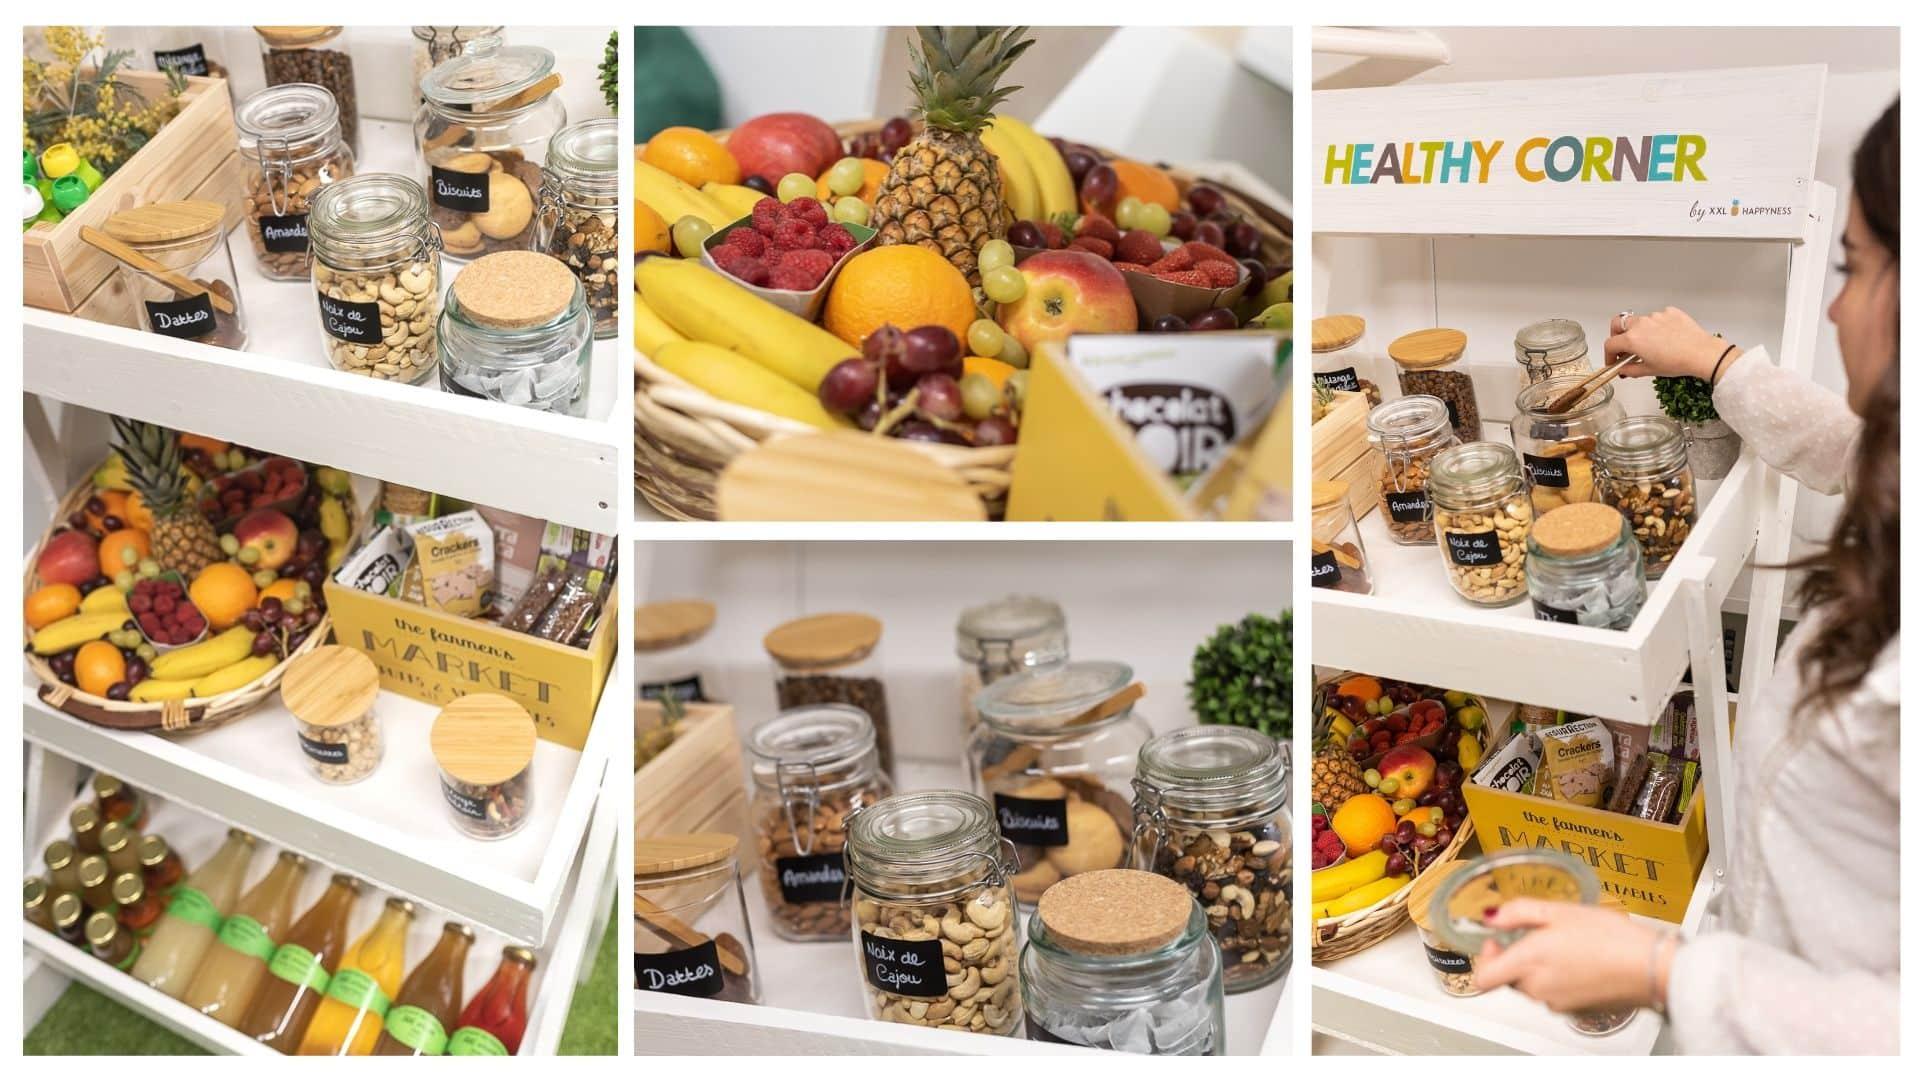 bien être au travail et nutrition le Healthy Corner pour la santé au travail